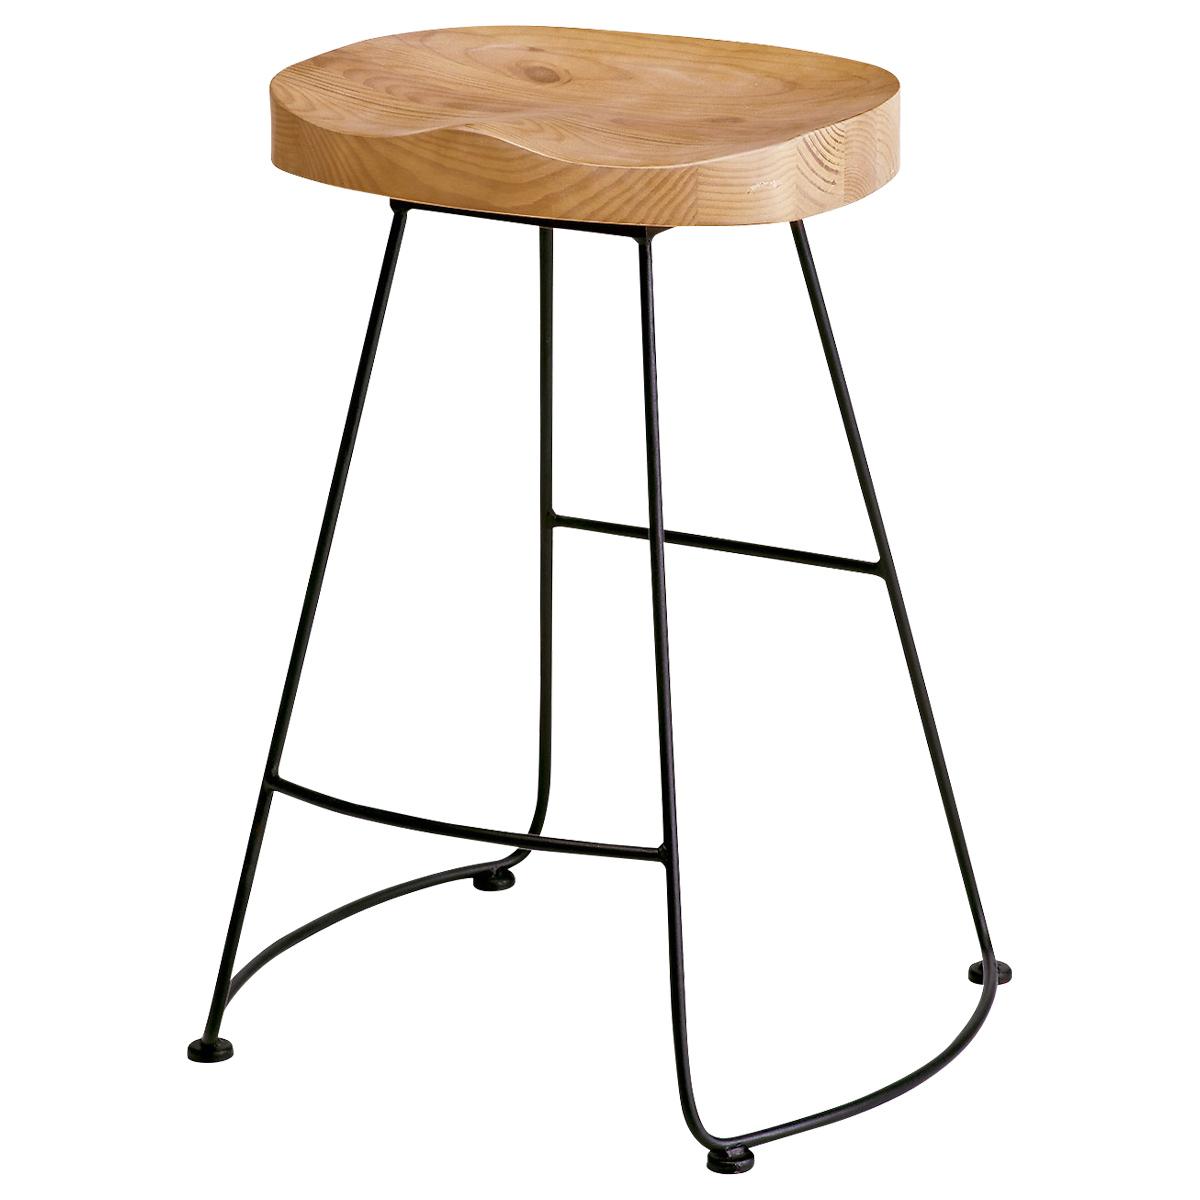 メニー バーチェア W520 D440 H680 その他木目 チェア ミーティングチェア ハイチェア 昇降なし 椅子 バースツール カフェ フィット オフィス スチール ウッド